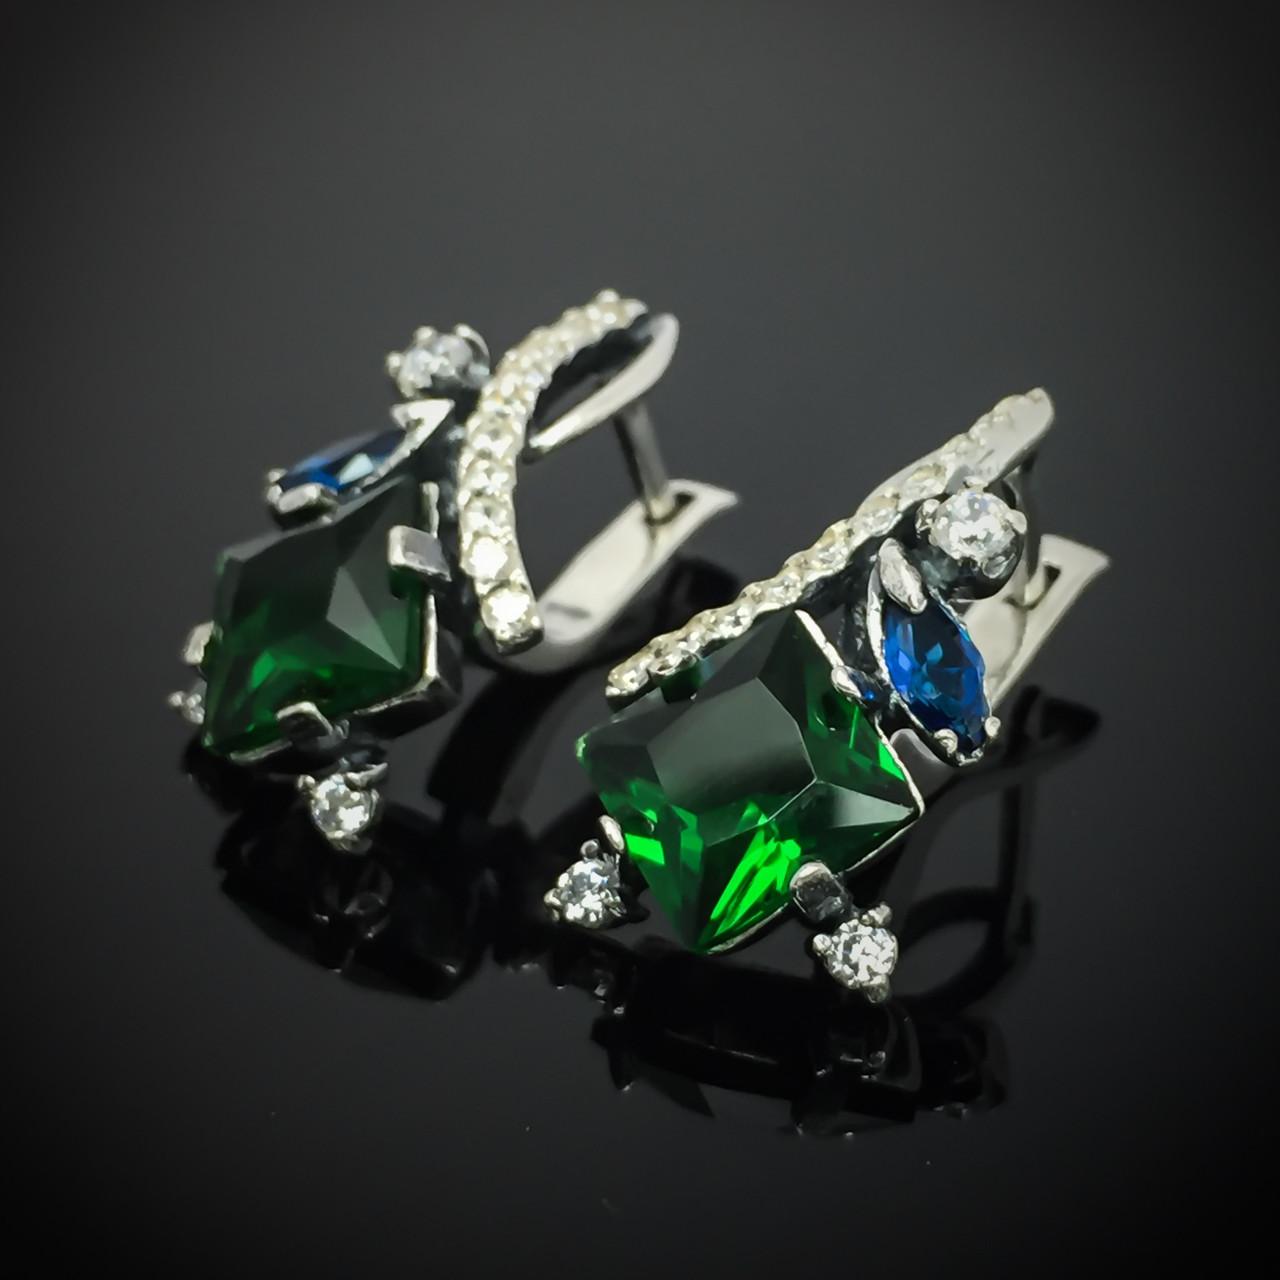 Серебряные серьги со вставками из цветных фианитов, 30 камней